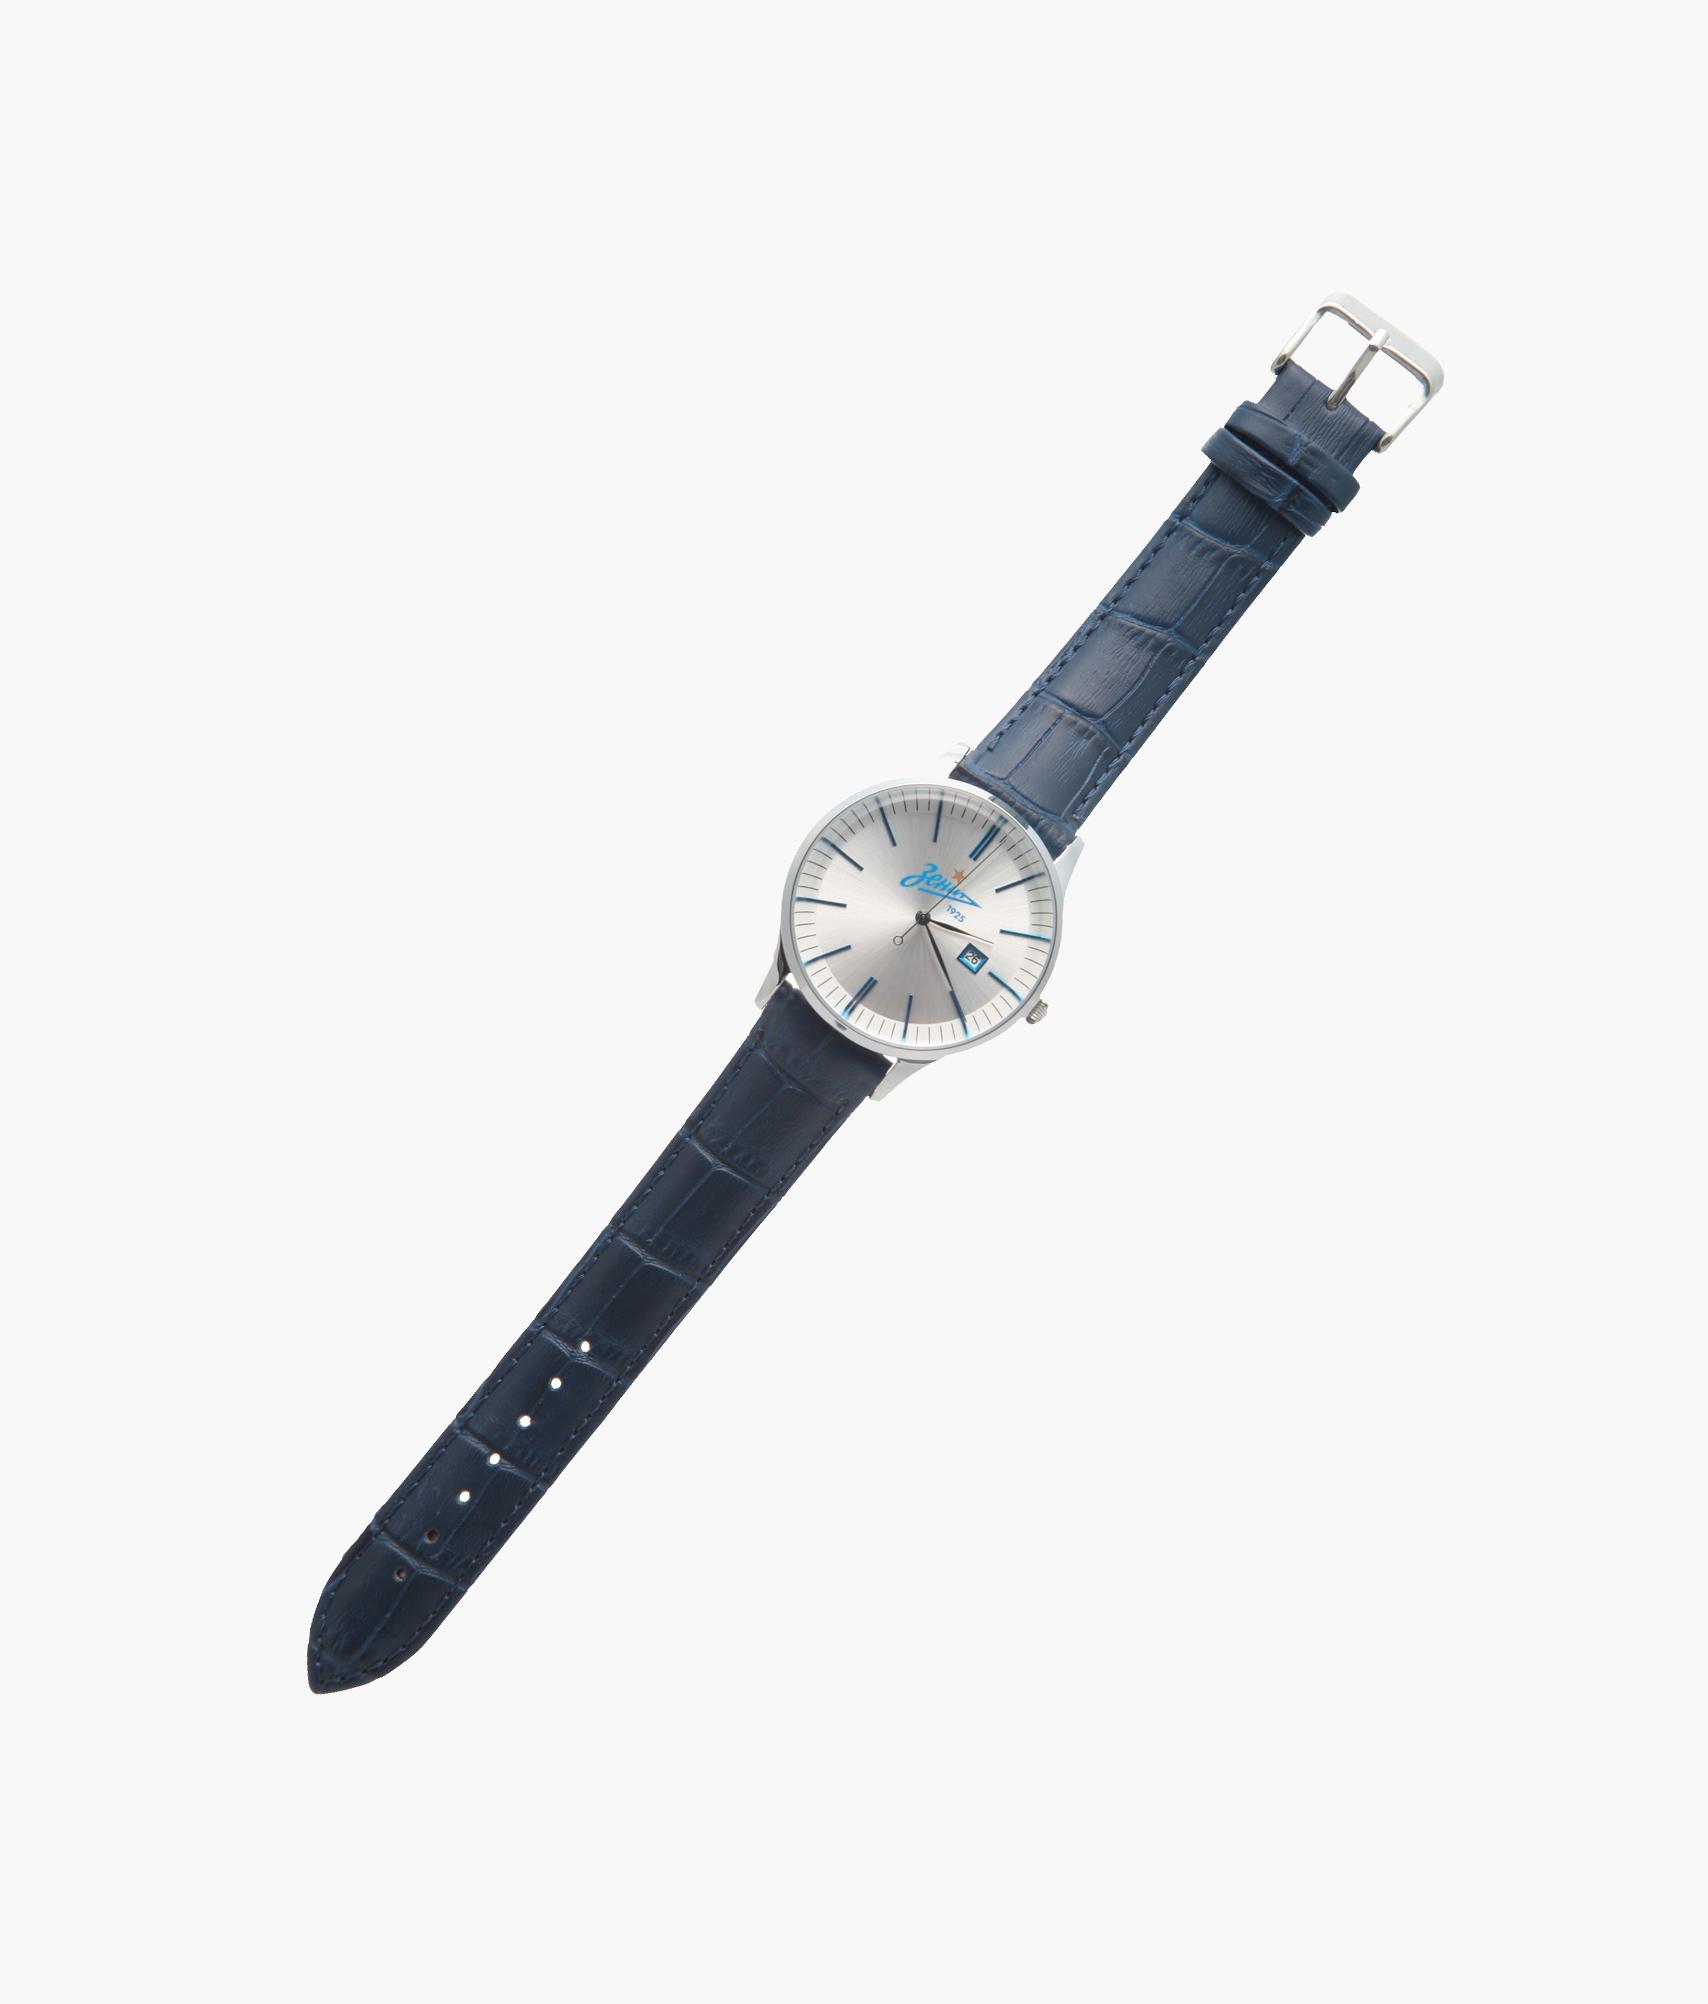 Наручные часы Зенит часы наручные storm часы hydroxisbrown47237 br